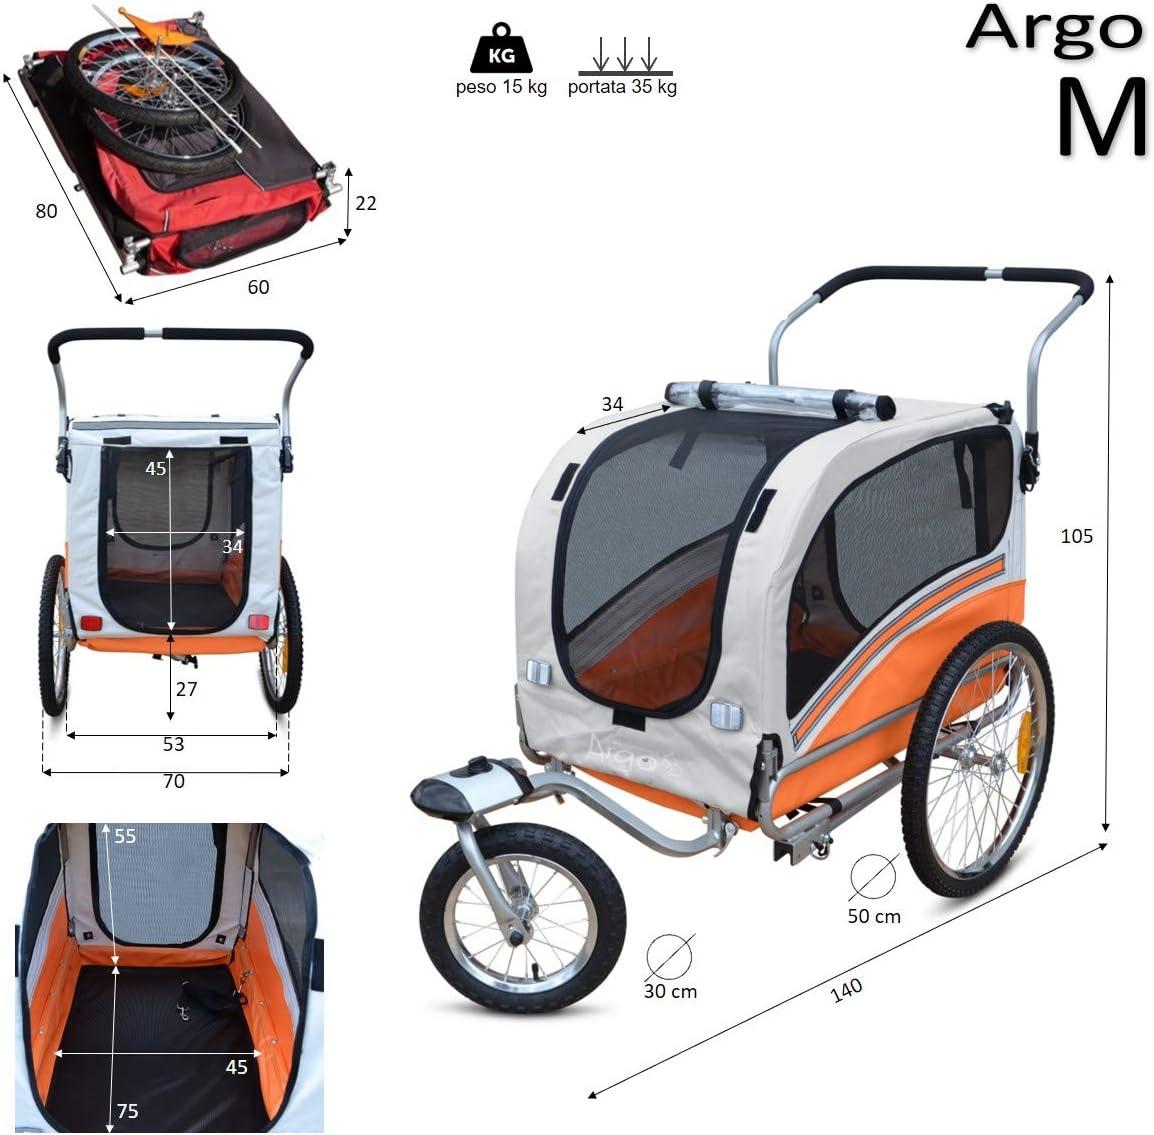 Anaranjado M Papilioshop Argo Remolque Bici y Silla de Paseo para Perro Mascota